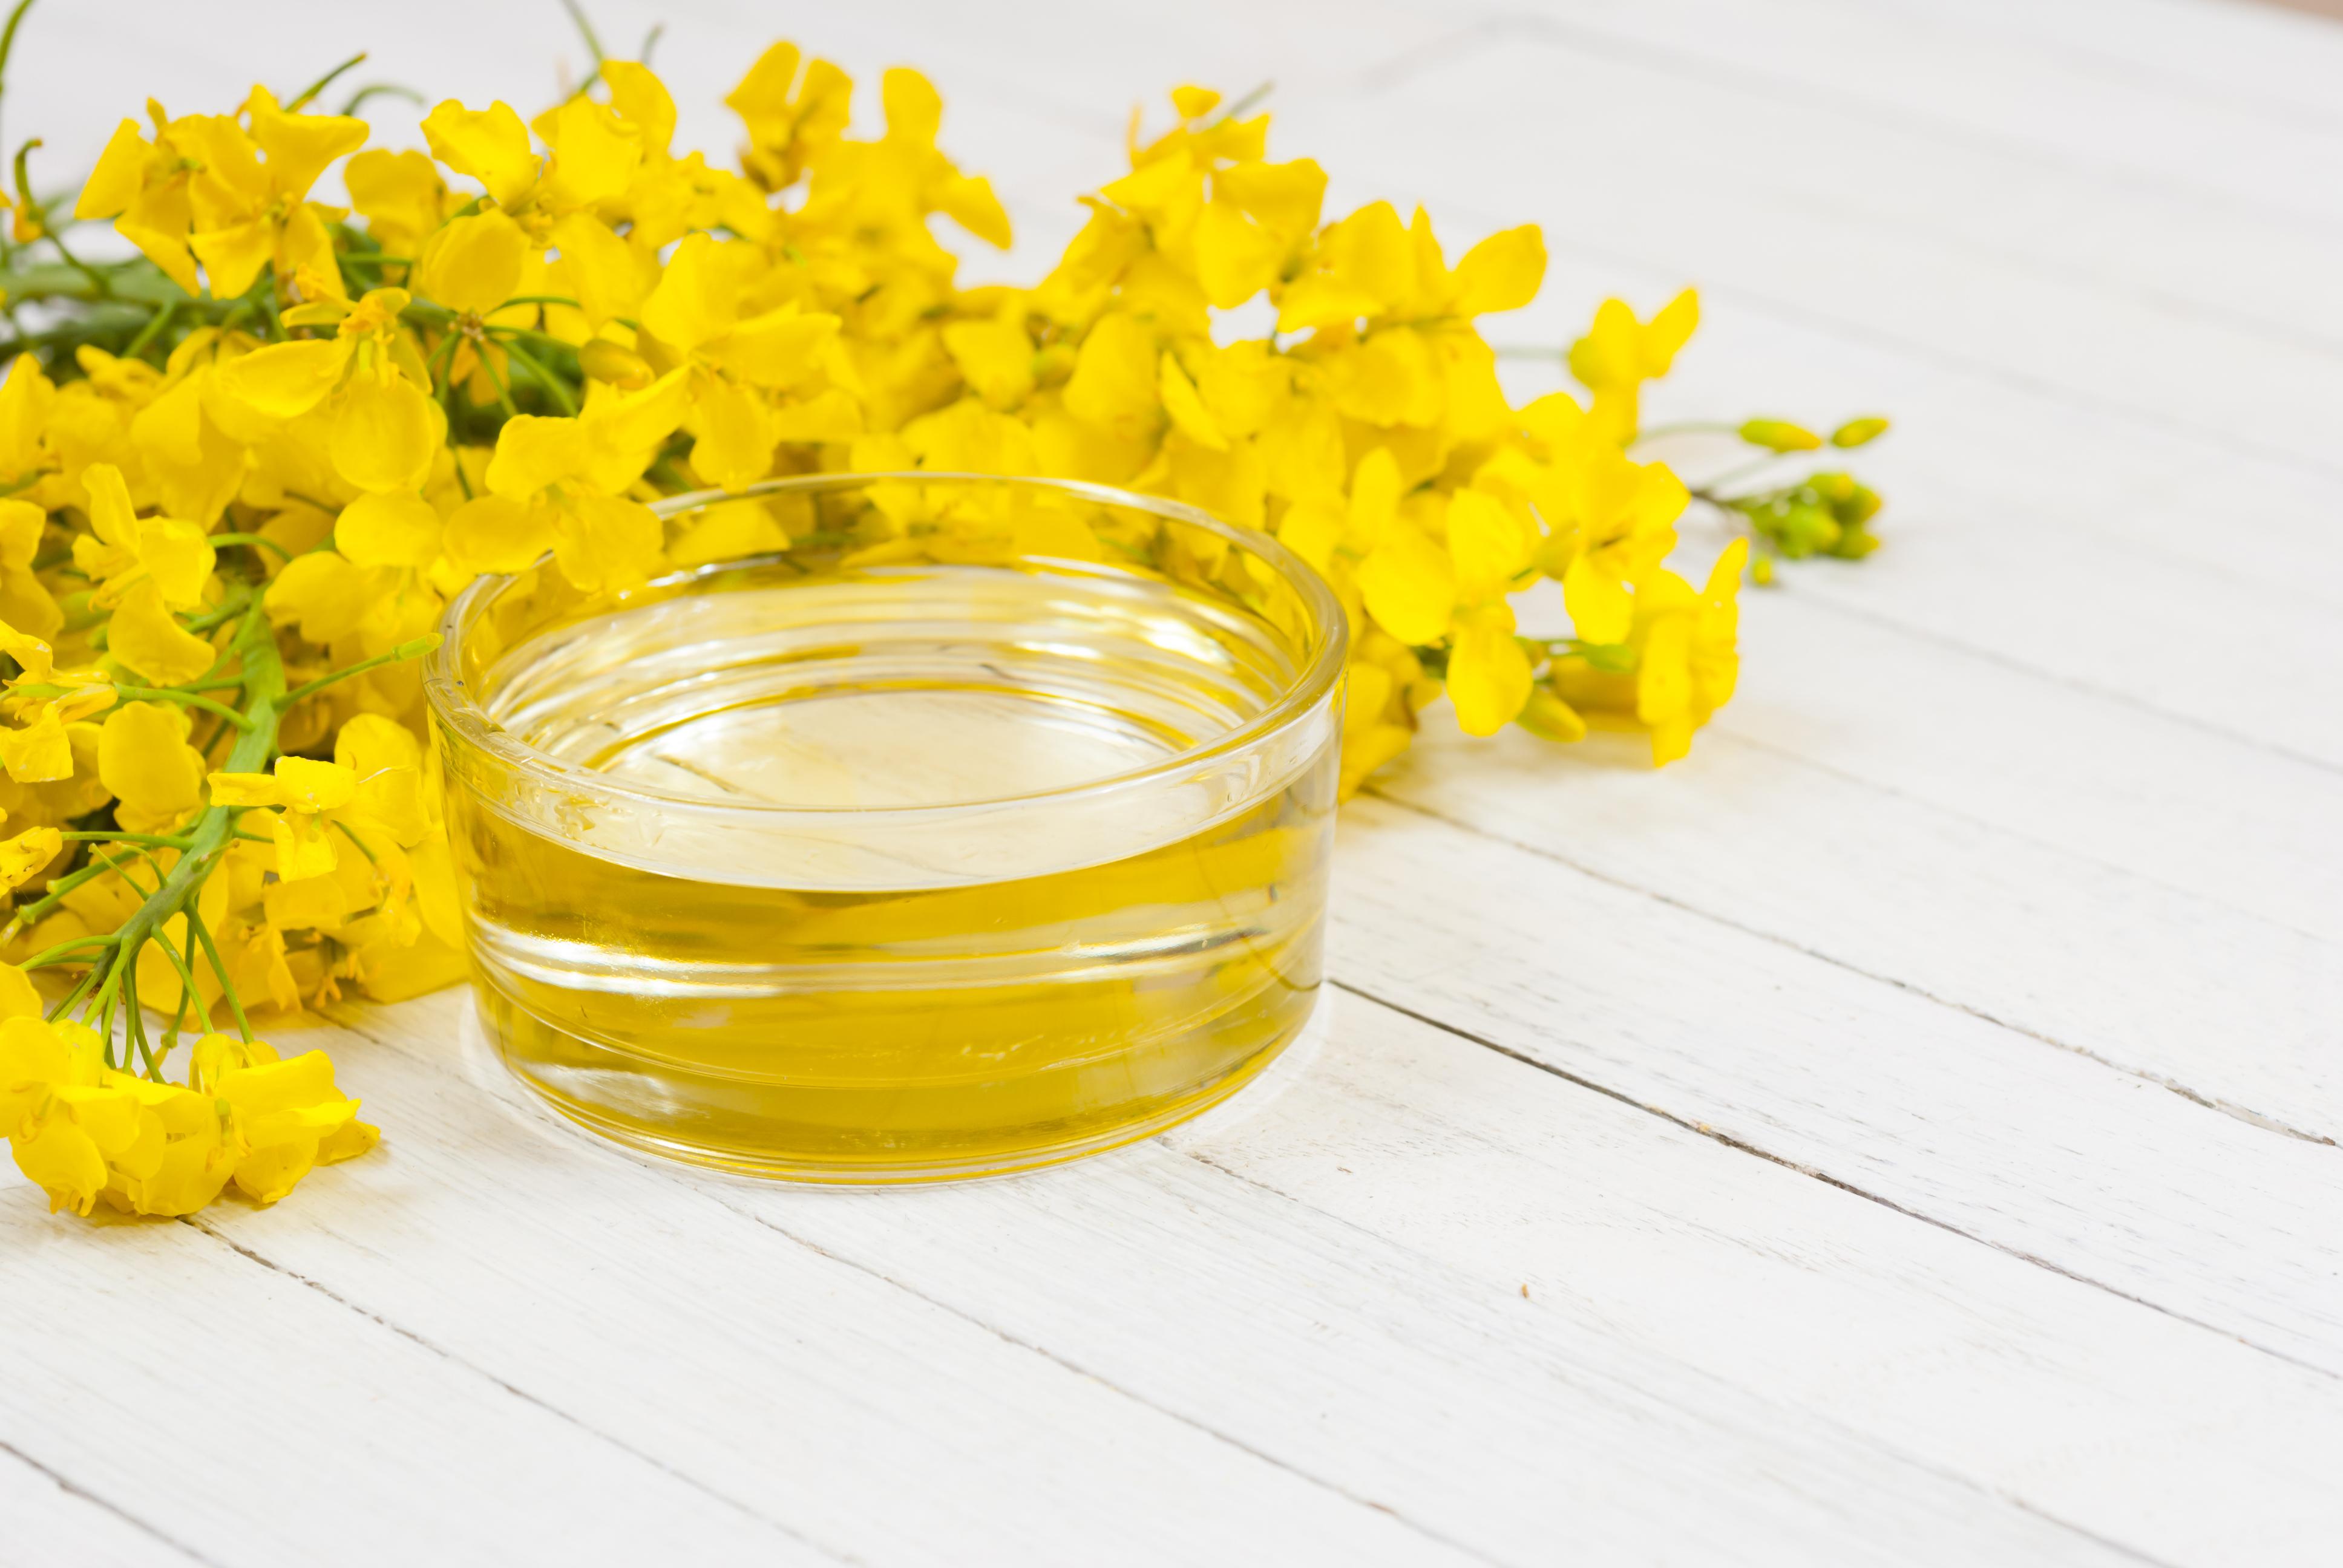 <p><strong>Рапично масло</strong> - това е чудесно масло за готвене, защото вкусът му е неутрален, има лека текстура, висока толерантност към топлина.</p>